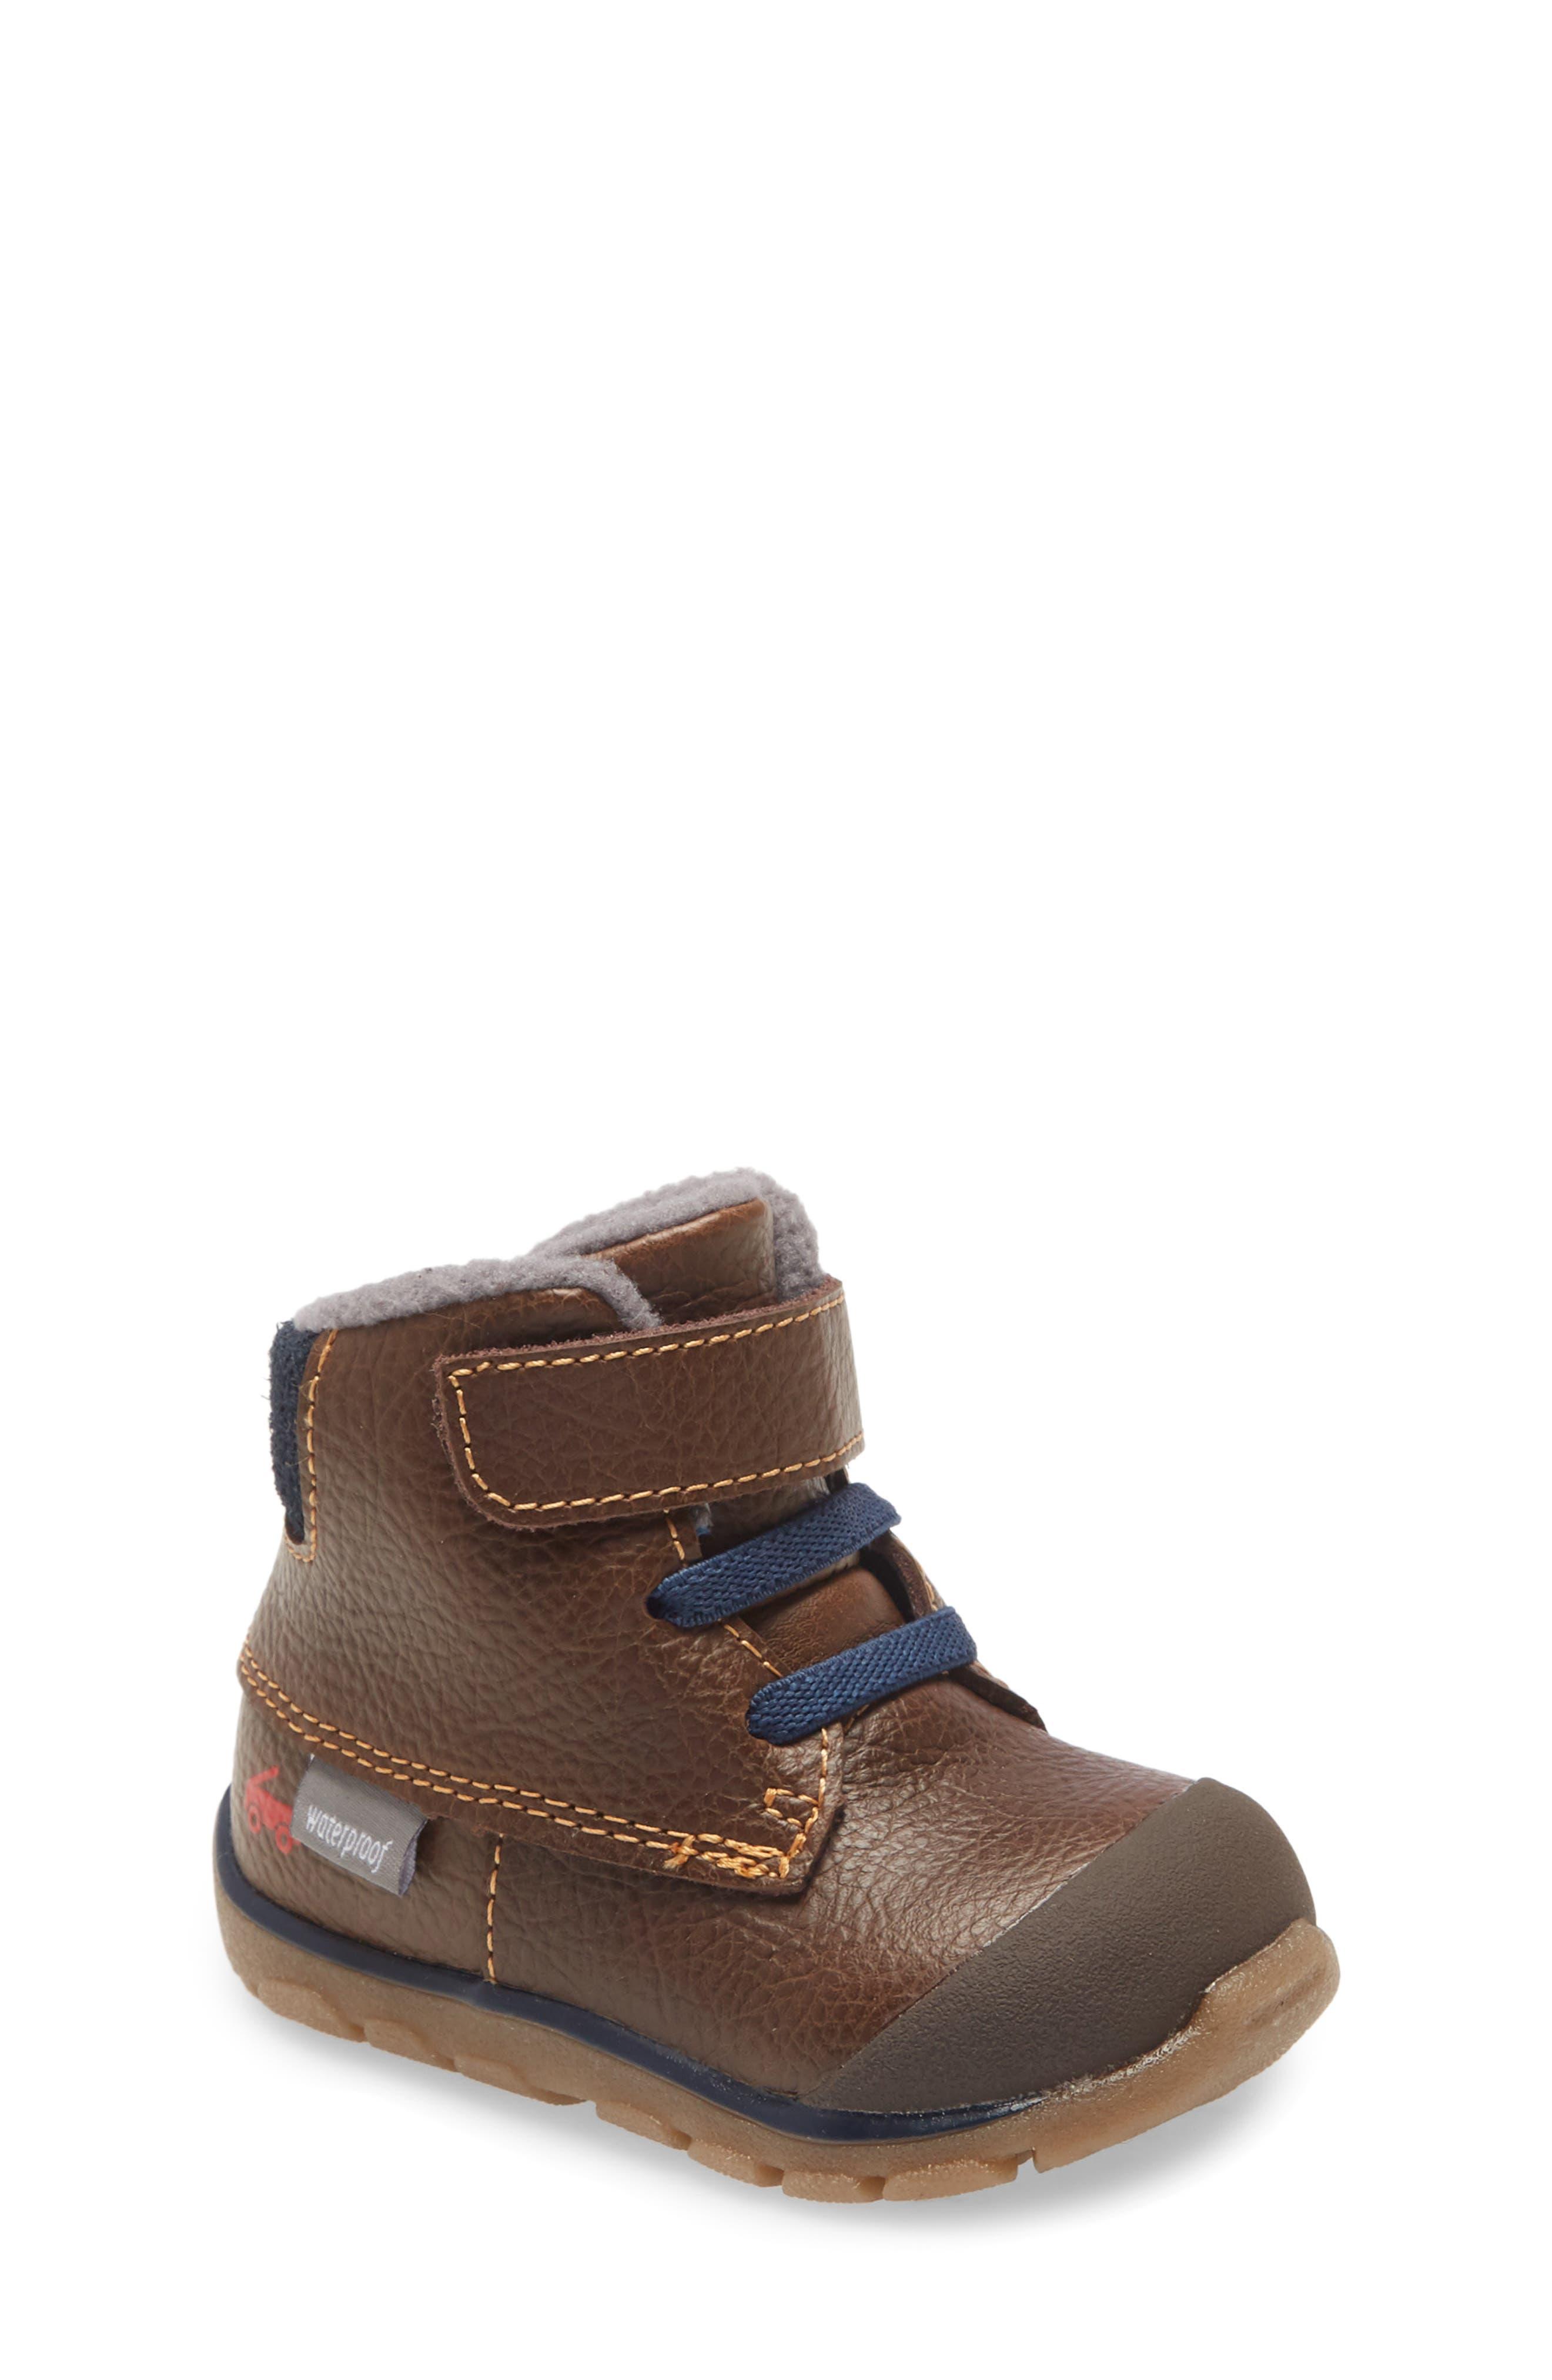 Toddler Boys' See Kai Run Shoes (Sizes